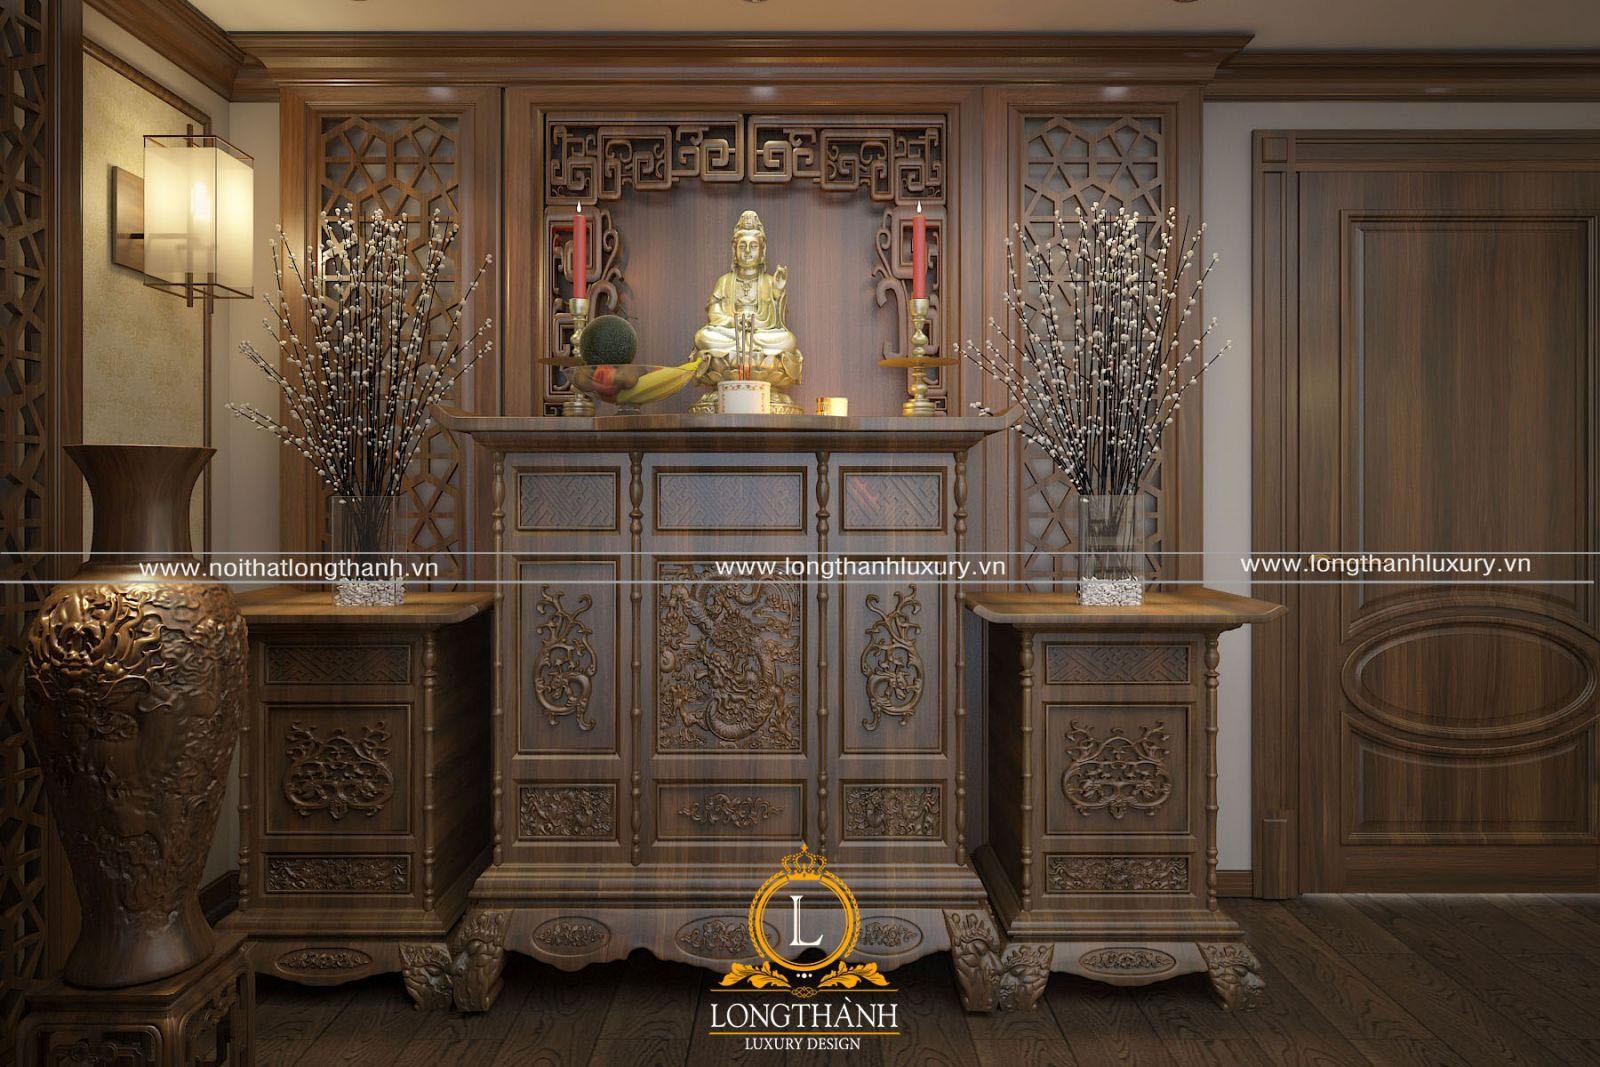 Trang trí bàn thờ theo kiểu cổ điển đẹp với giá trị thẩm mỹ cao